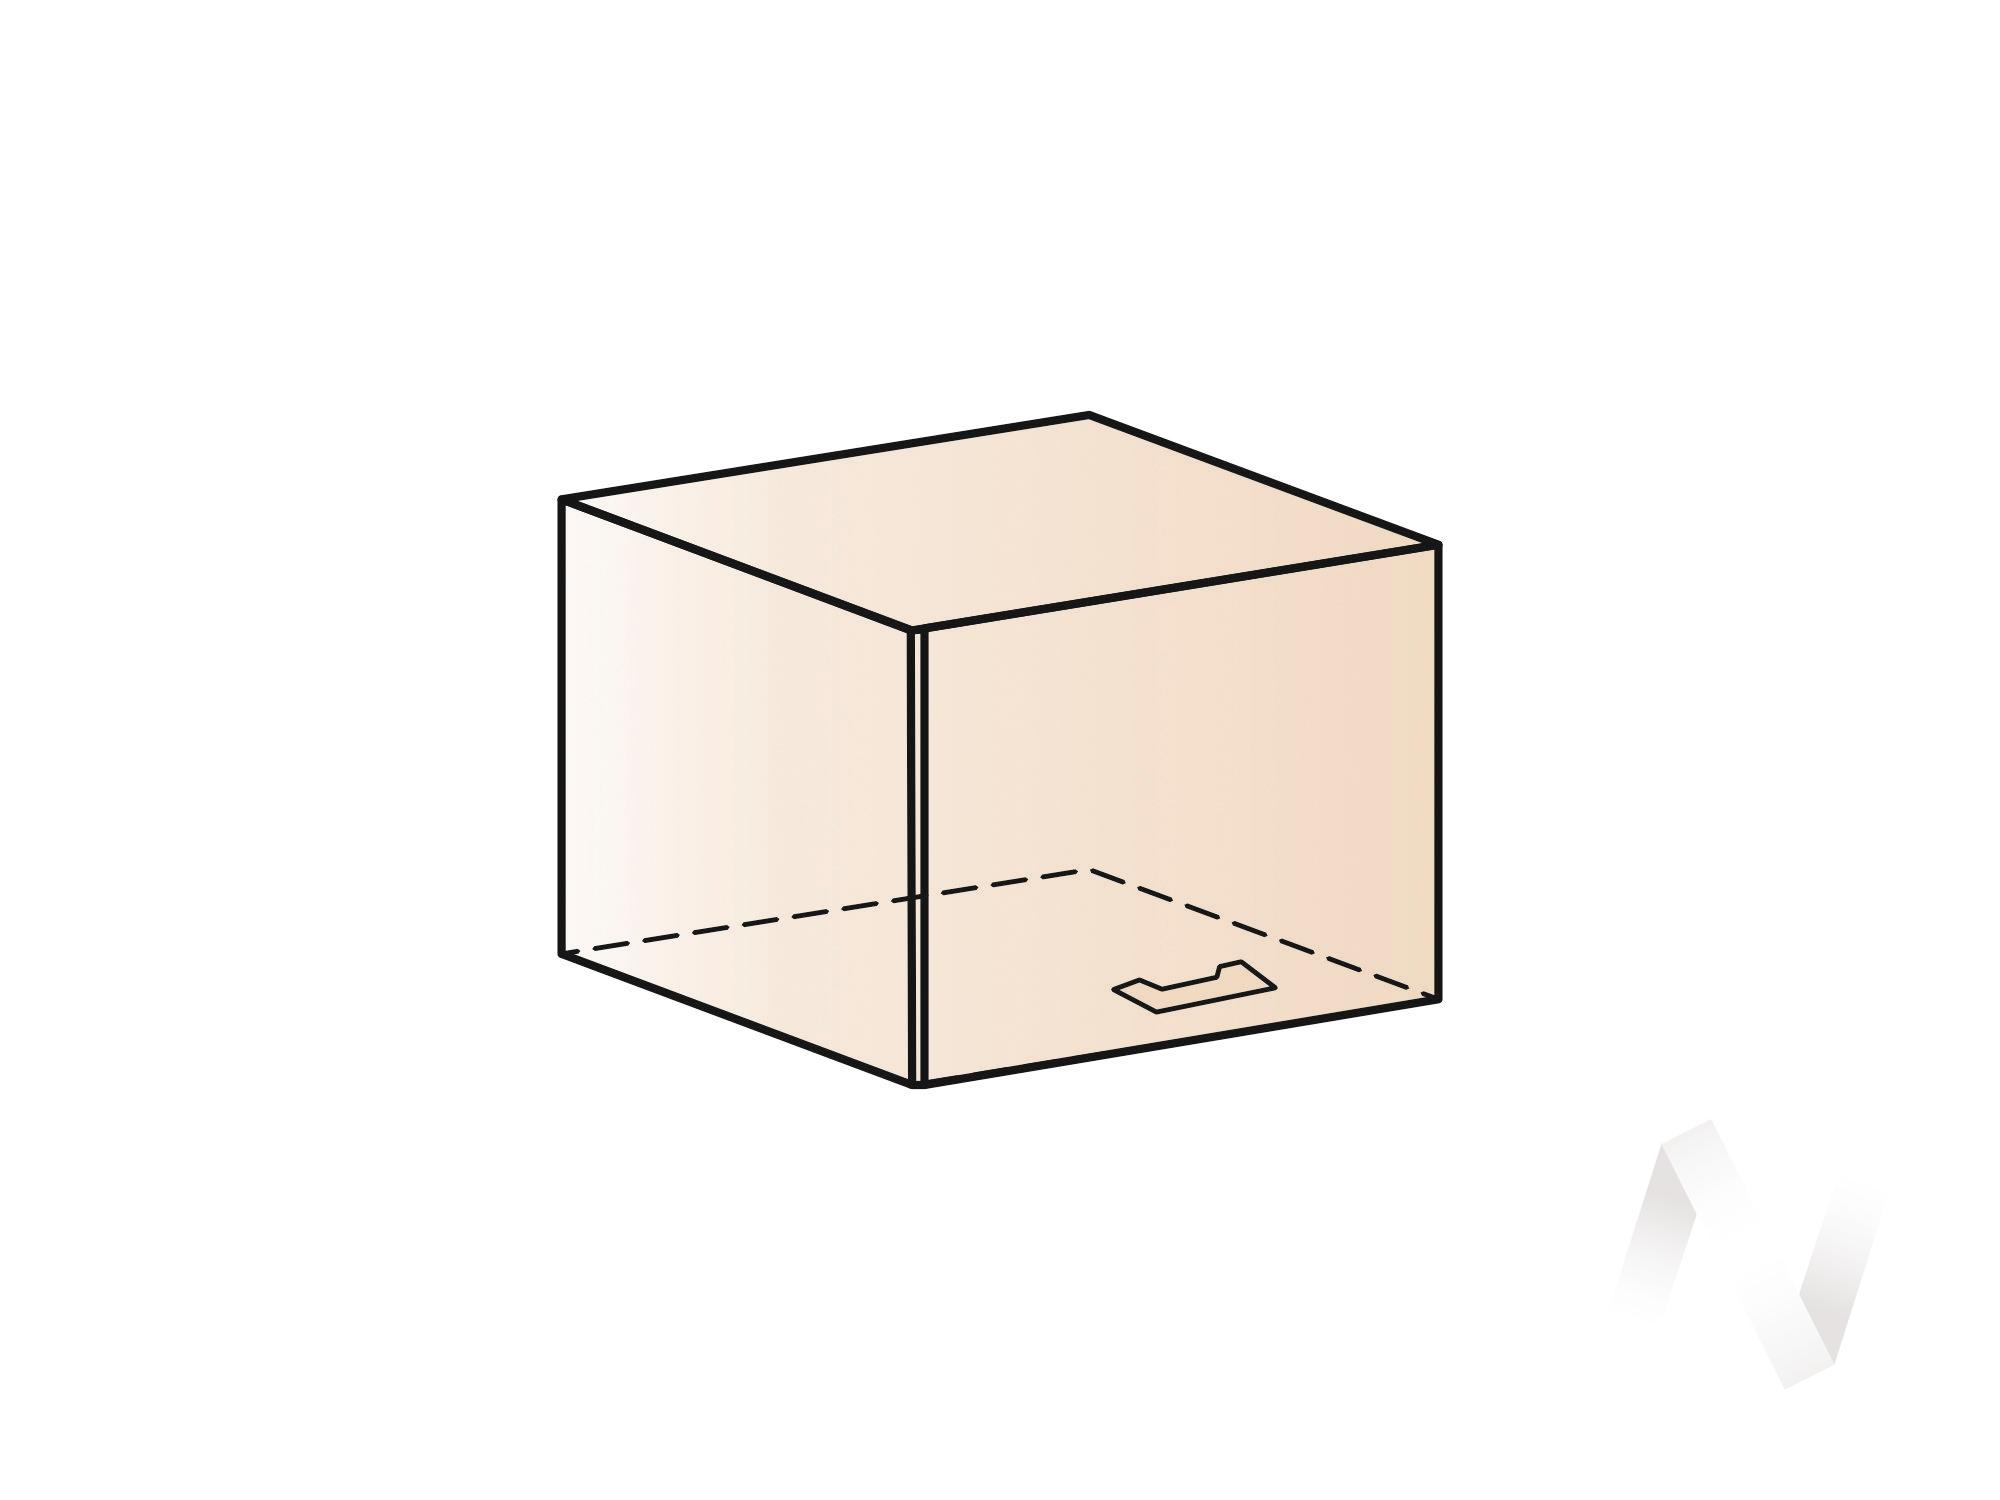 """Кухня """"Люкс"""": Шкаф верхний горизонтальный 500, ШВГ 500 (Шоколад матовый/корпус венге) в Новосибирске в интернет-магазине мебели kuhnya54.ru"""